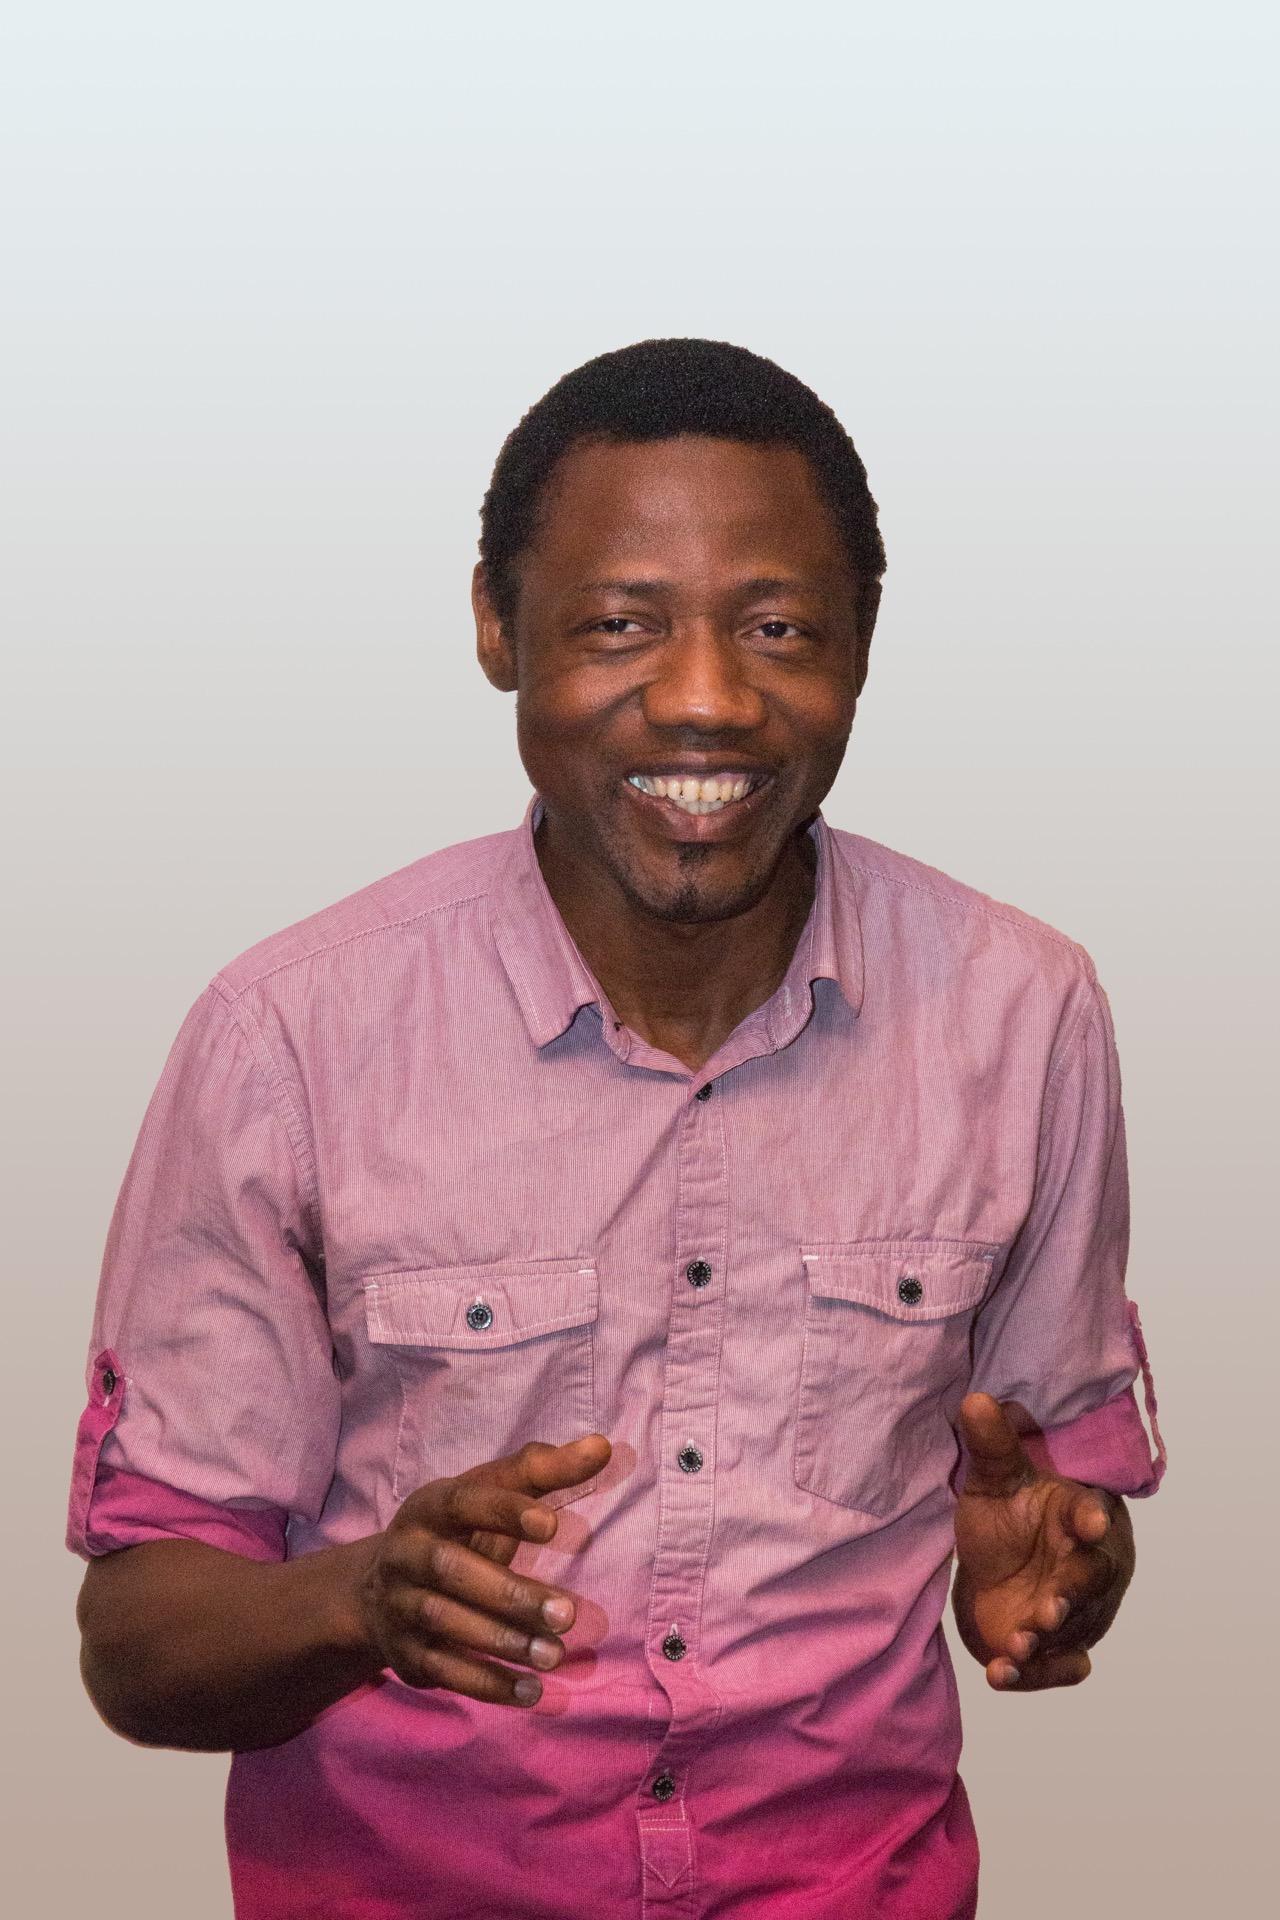 Ansumane Famah aus Sierra Leone möchte von den Menschen hier lernen, um den Menschen in seiner Heimat besser helfen zu können. (Foto: Bastian Winter)